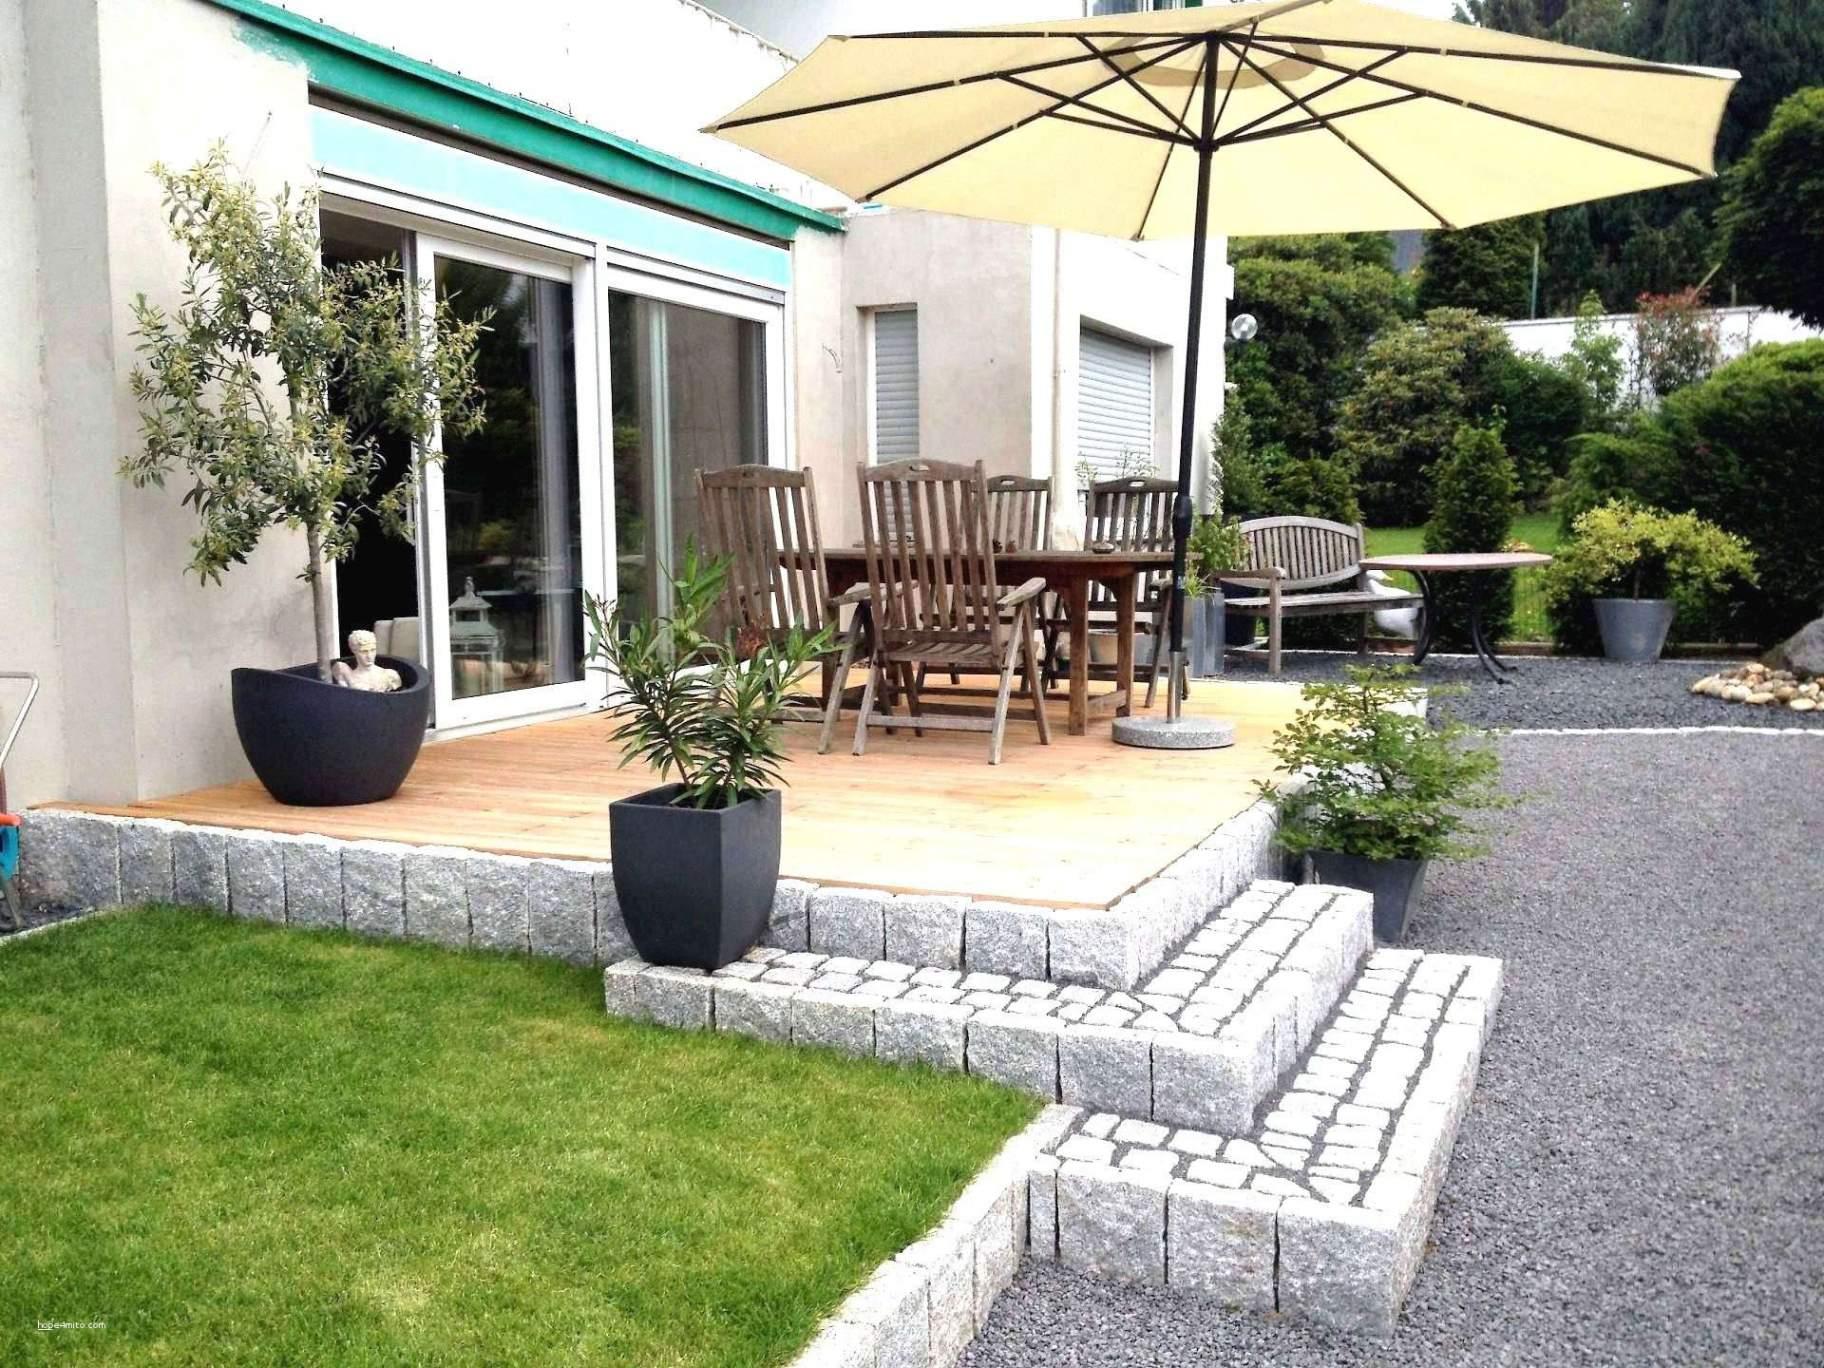 Terrassen Deko Ideen Luxus 32 Einzigartig Garten Terrassen Ideen Das Beste Von